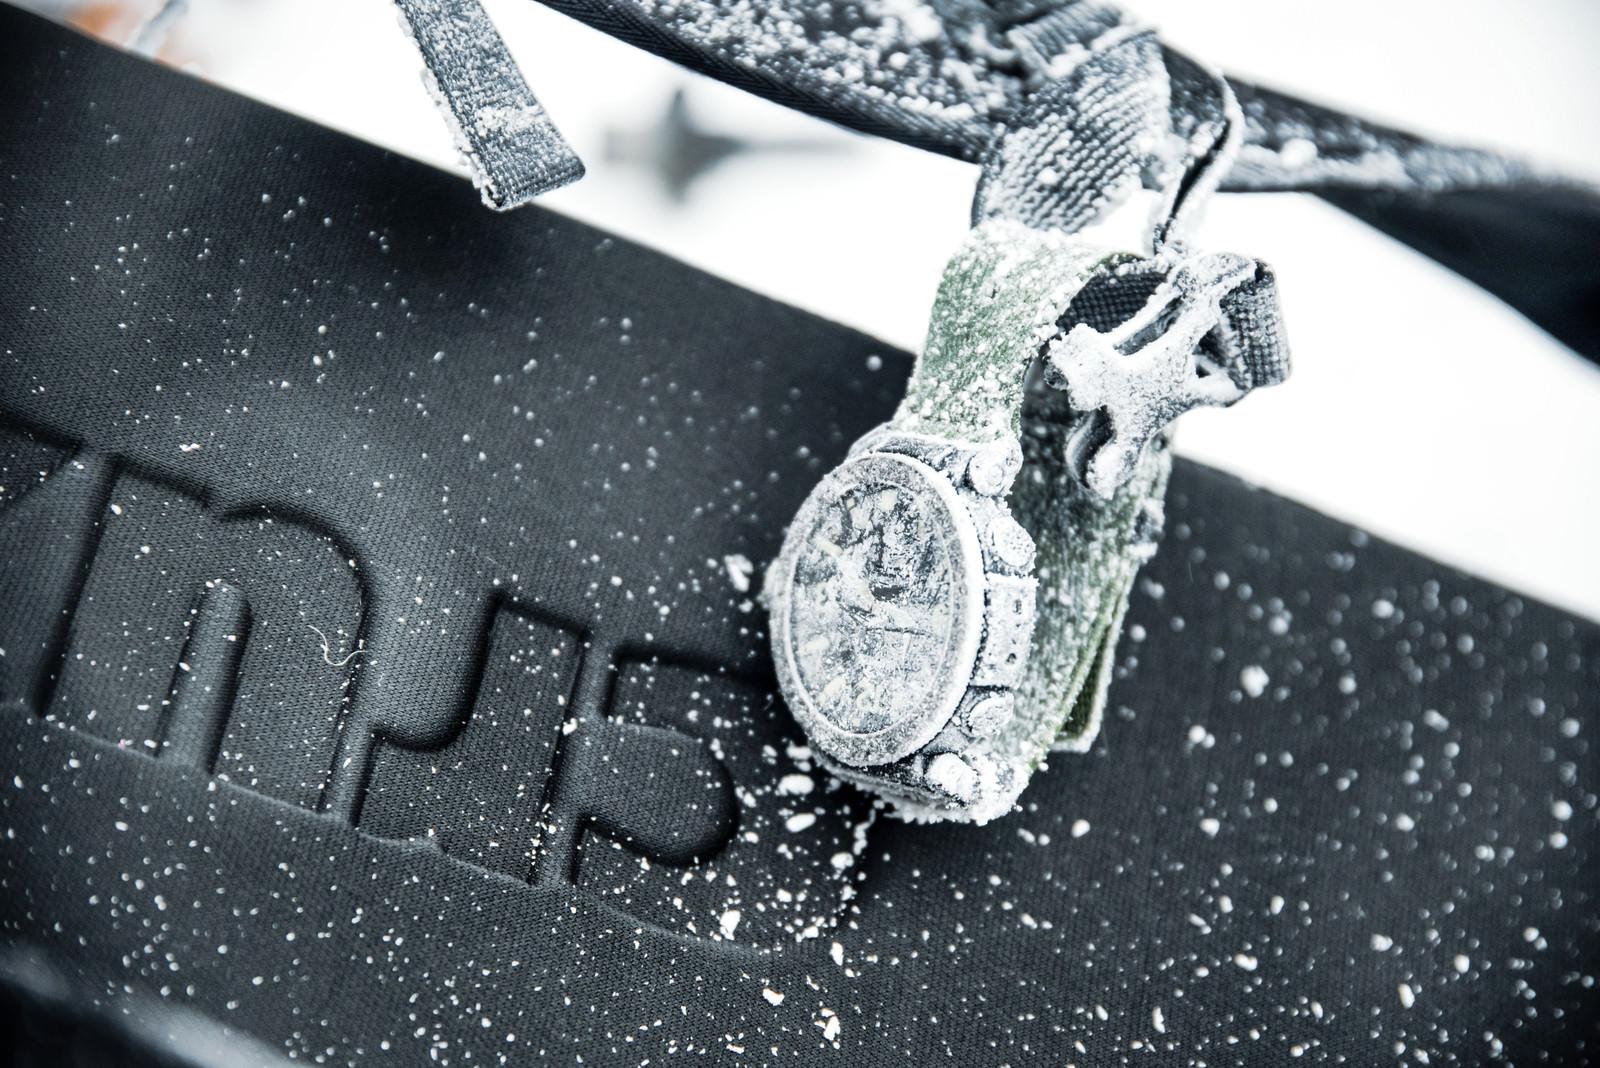 「凍結して霜が付いて文字が読めない時計 」の写真